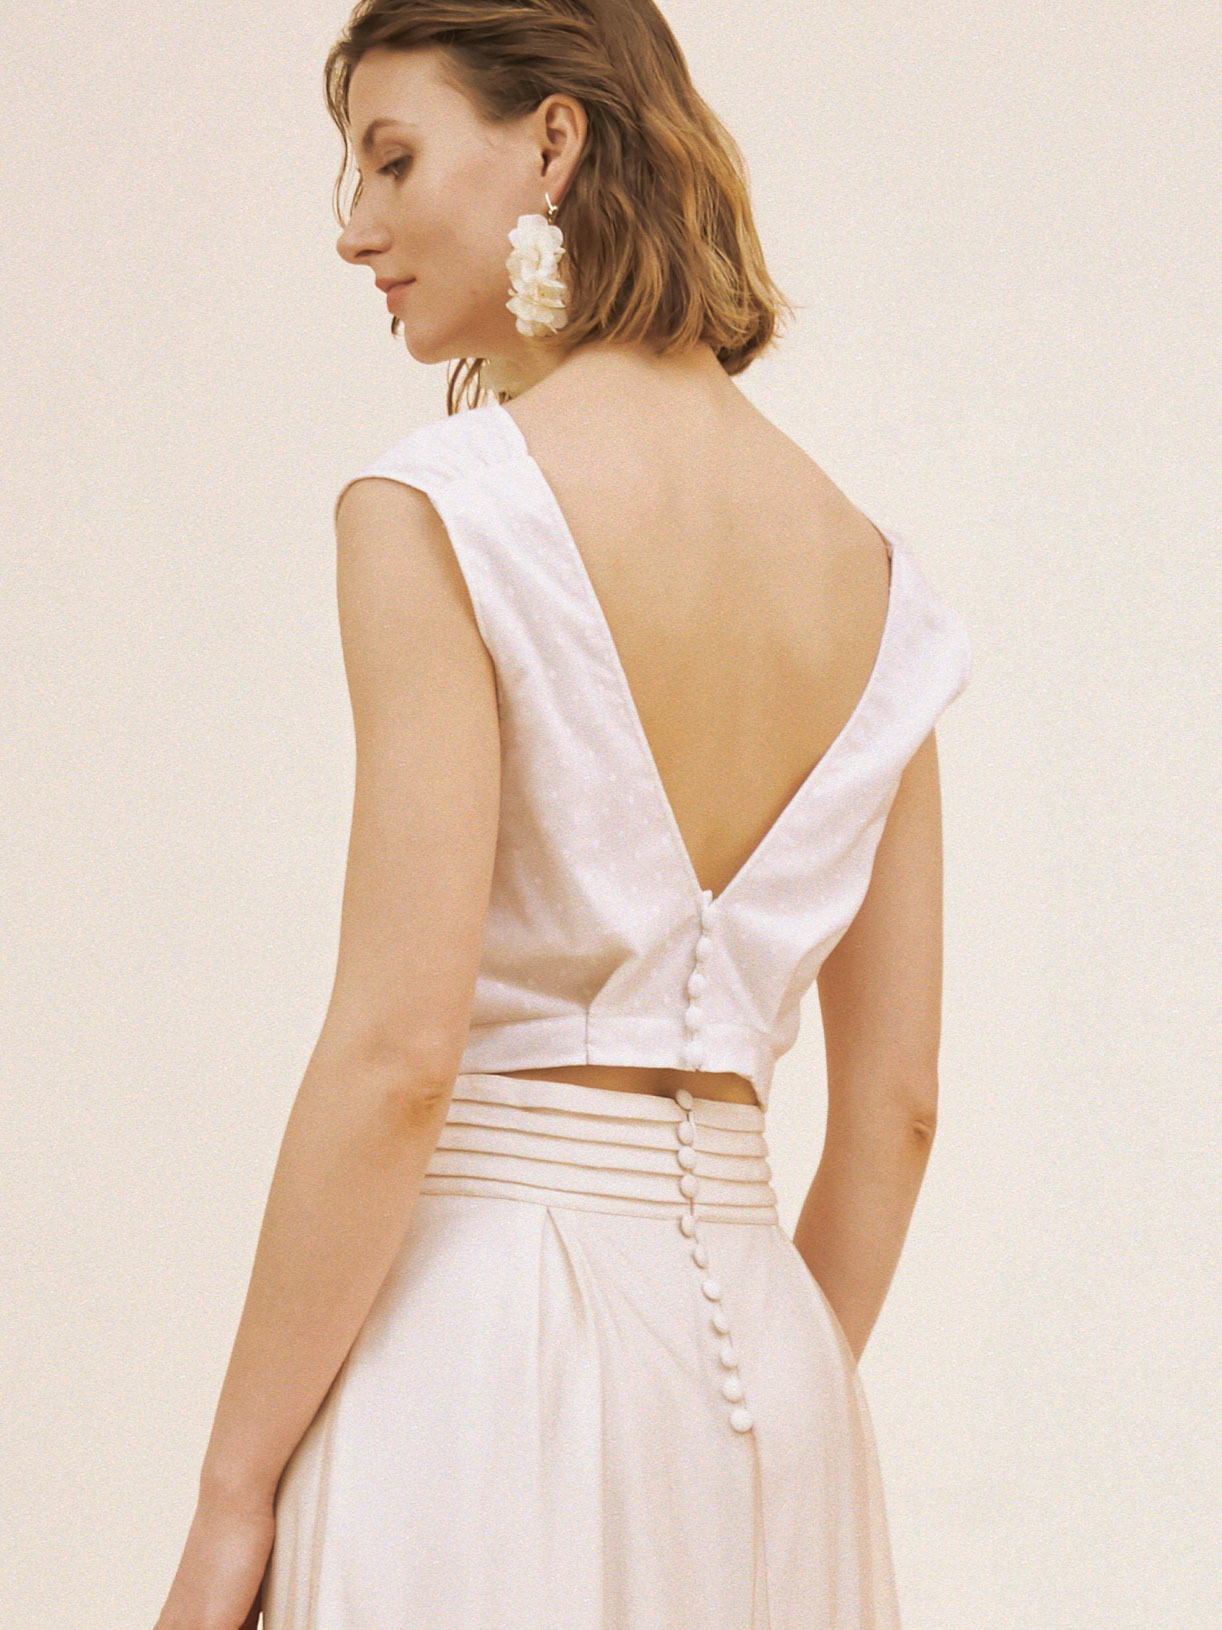 crop top de mariee boheme écoresponsable - Creatrice de robe de mariée éthique et bio a Paris - Myphilosophy